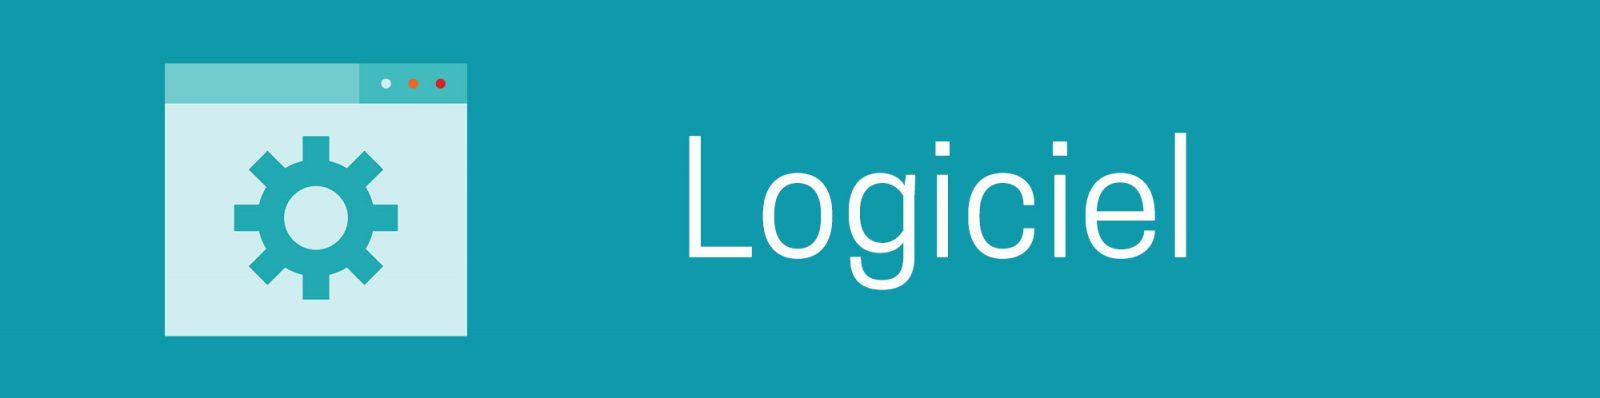 Logiciel